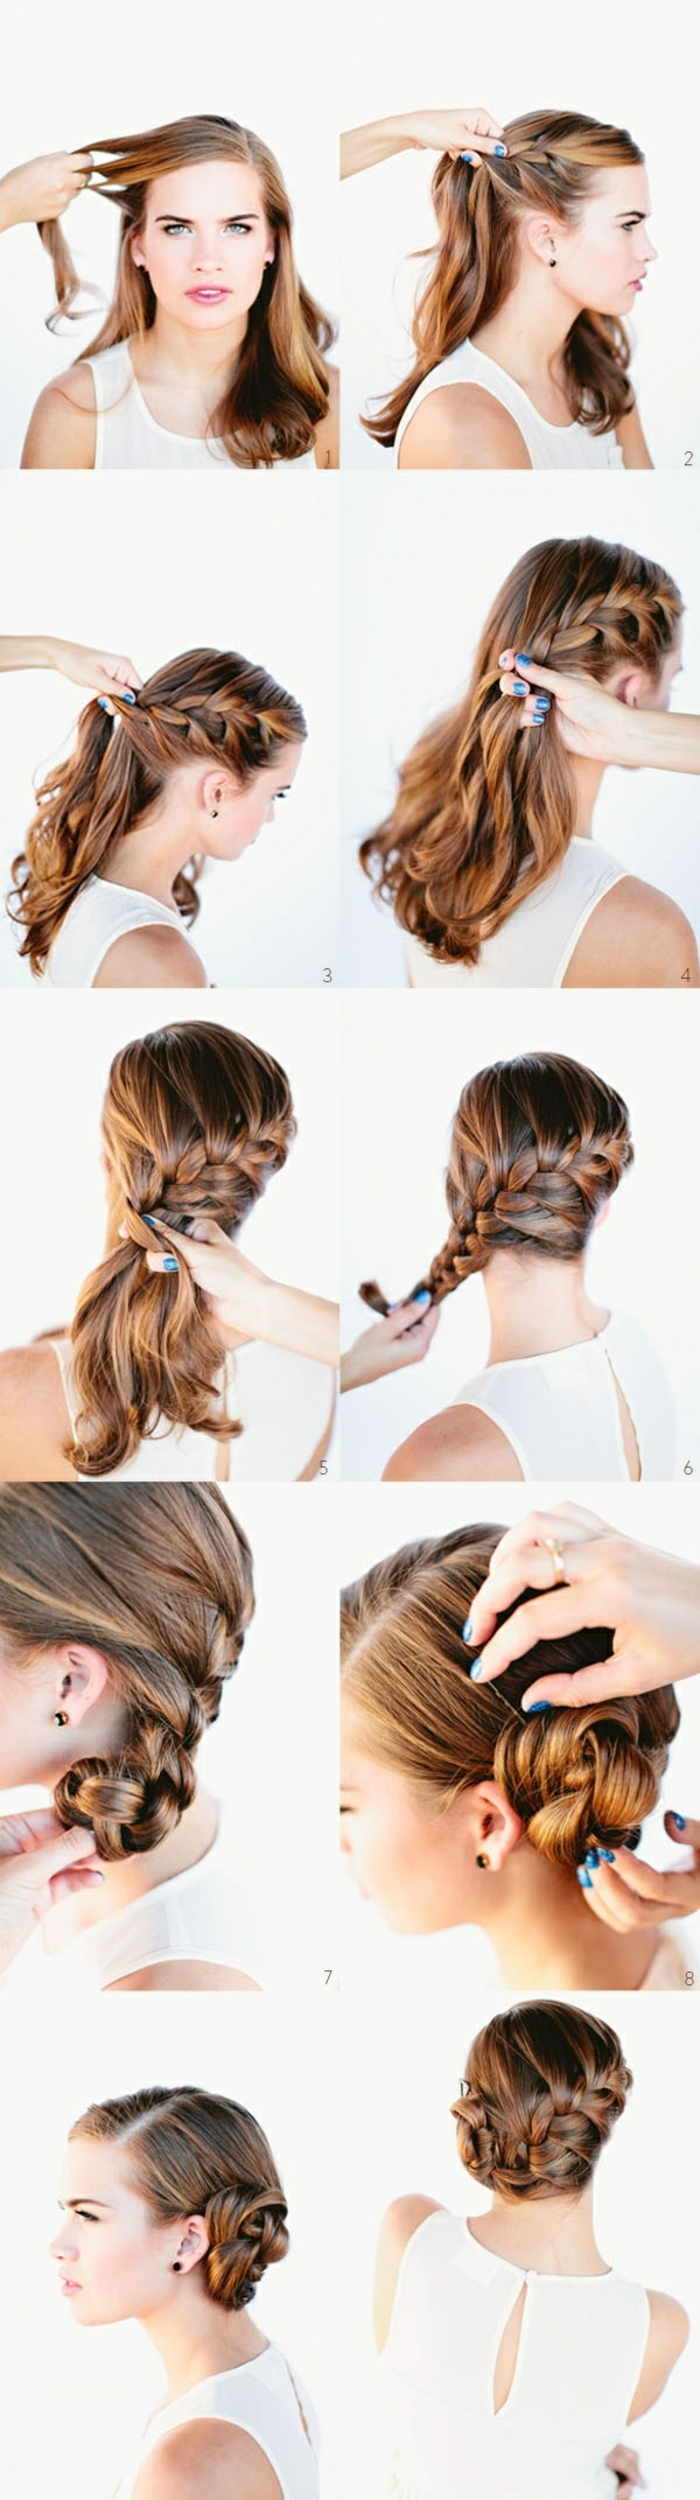 eine Anleitung, wie Sie eine prima Frisur für lange Haare machen, schöne Frisuren für lange Haare